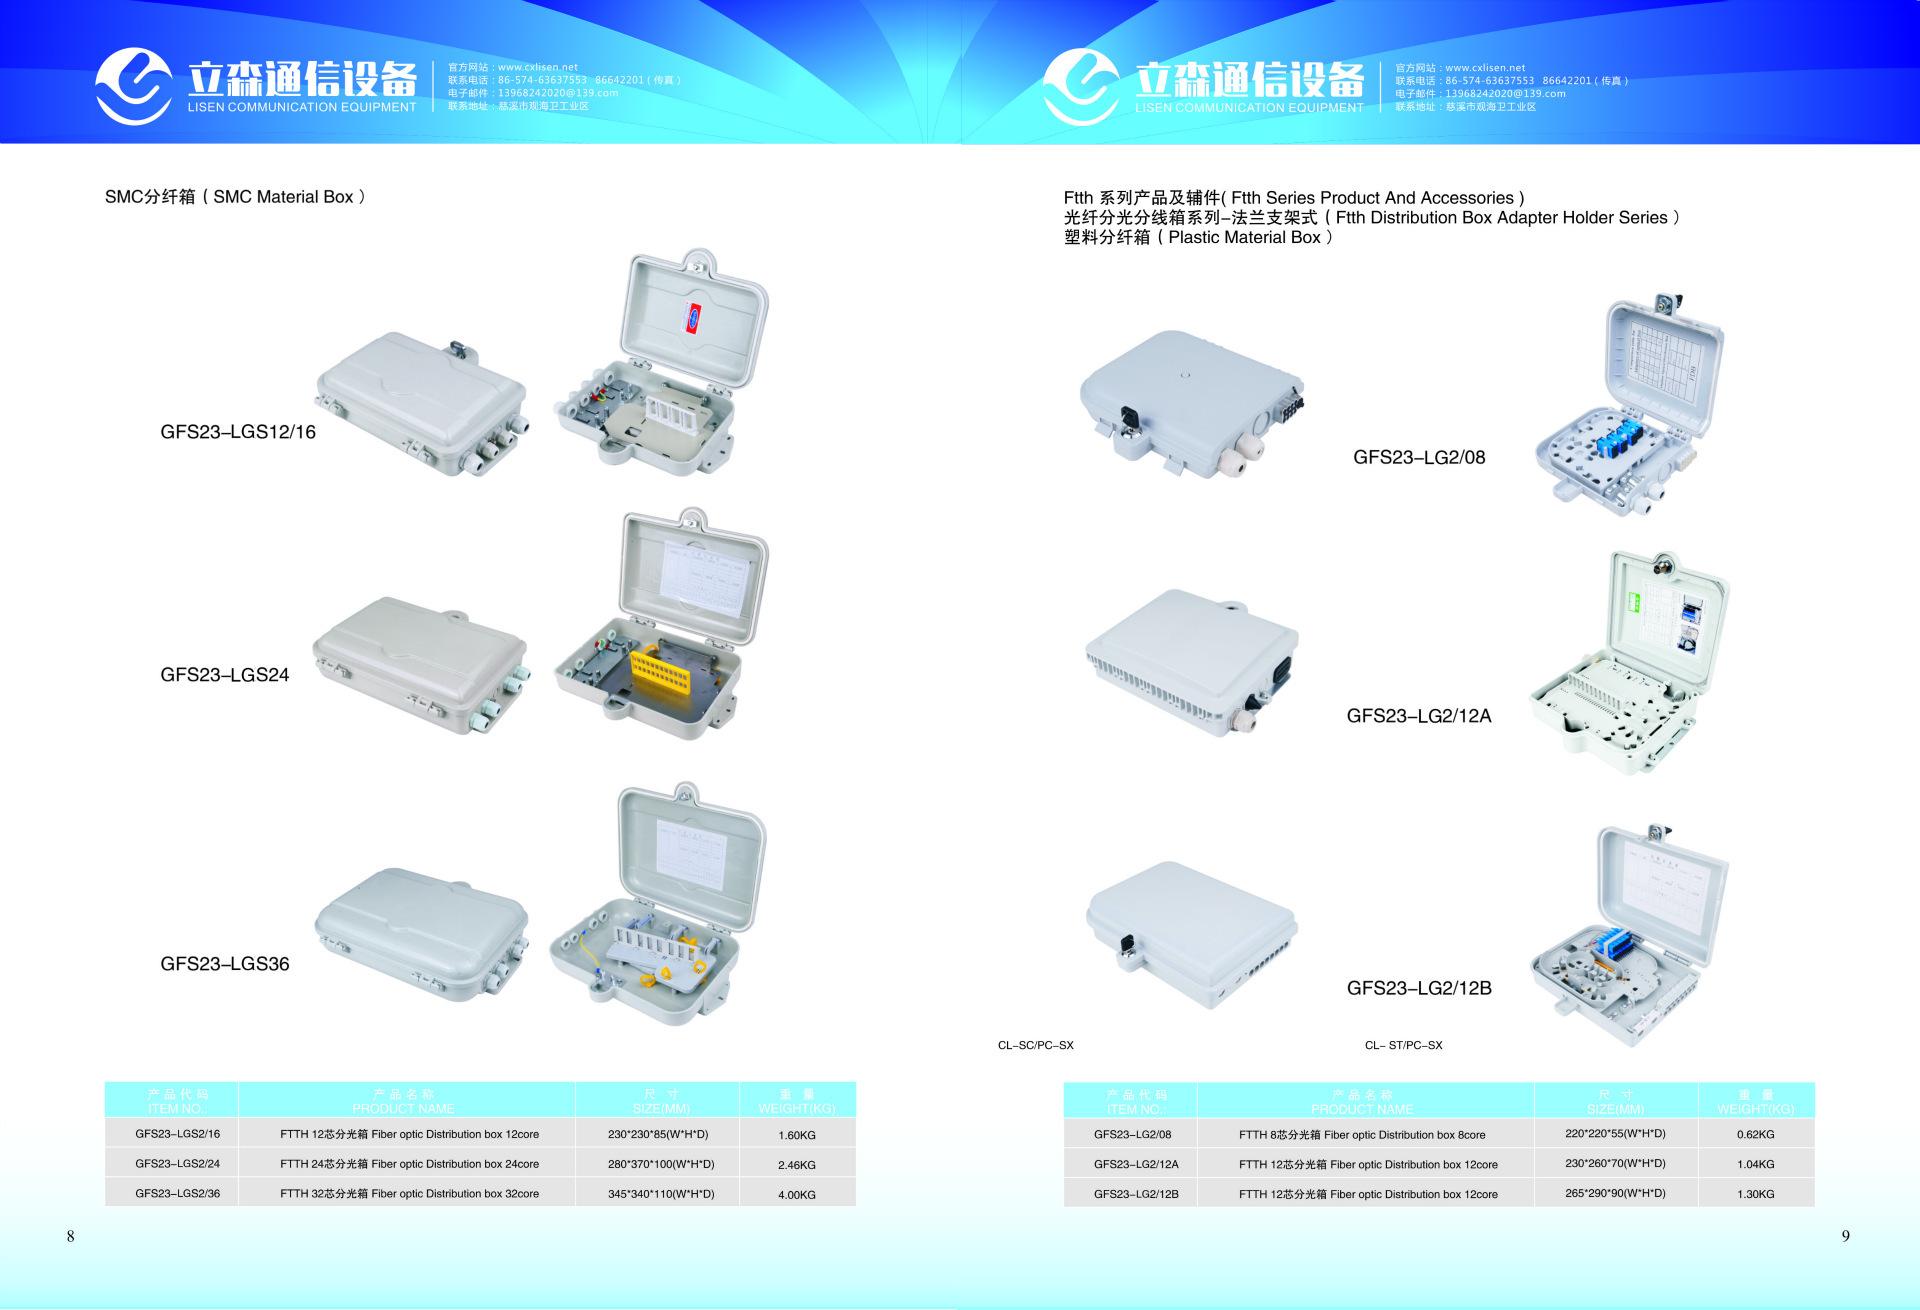 厂家供应SMC玻璃钢材质144芯288芯360芯光缆交接箱图片_7